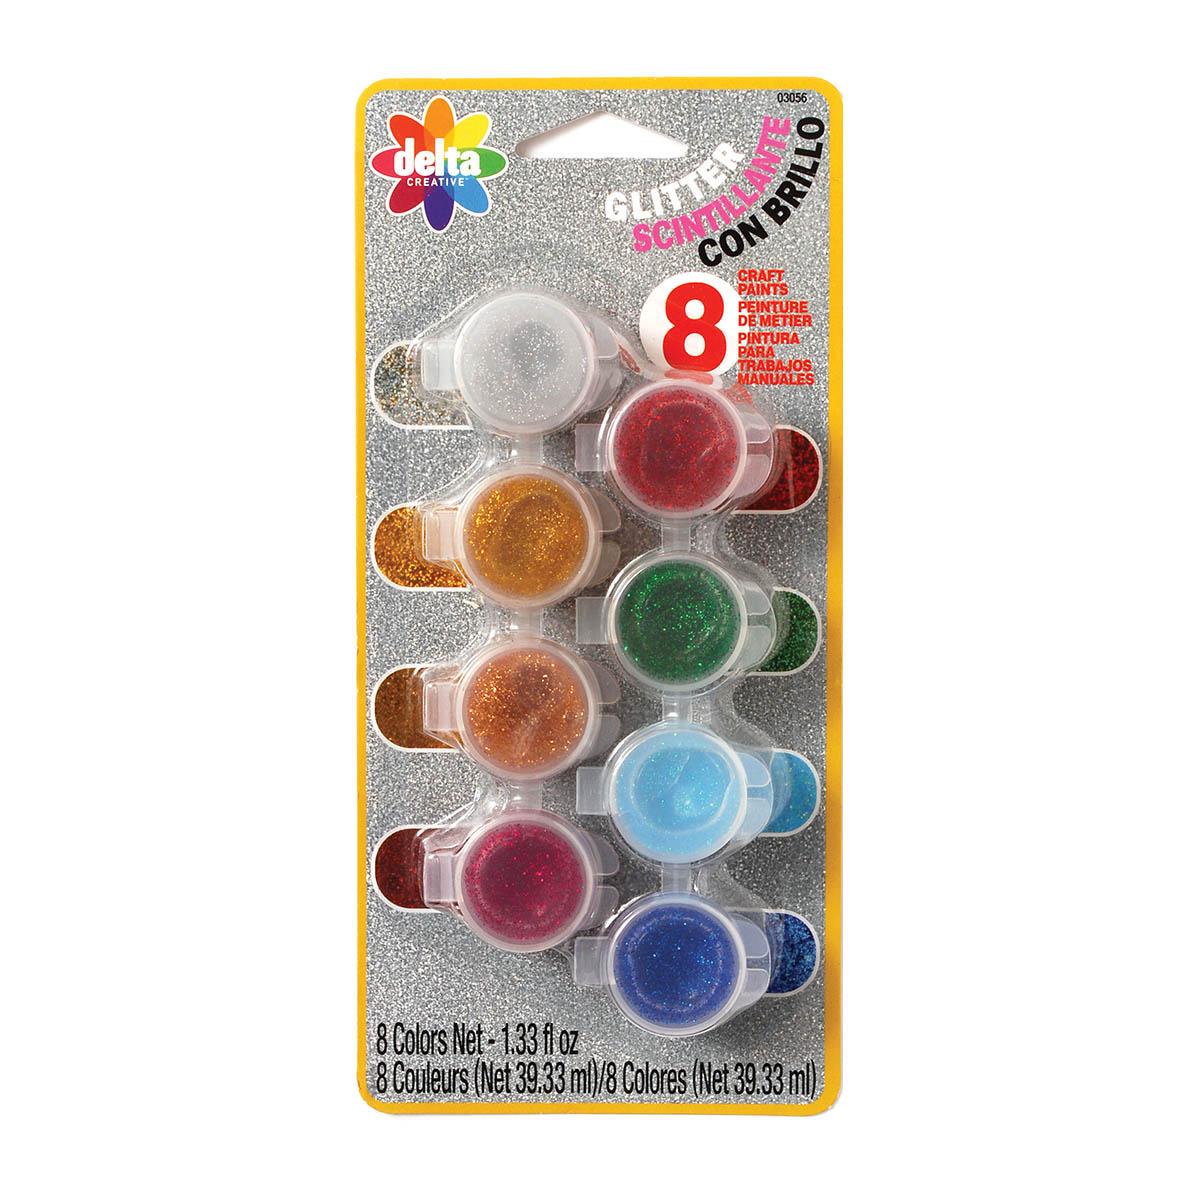 Delta Acrylic Paint  Sets - Glitter, 8 Colors